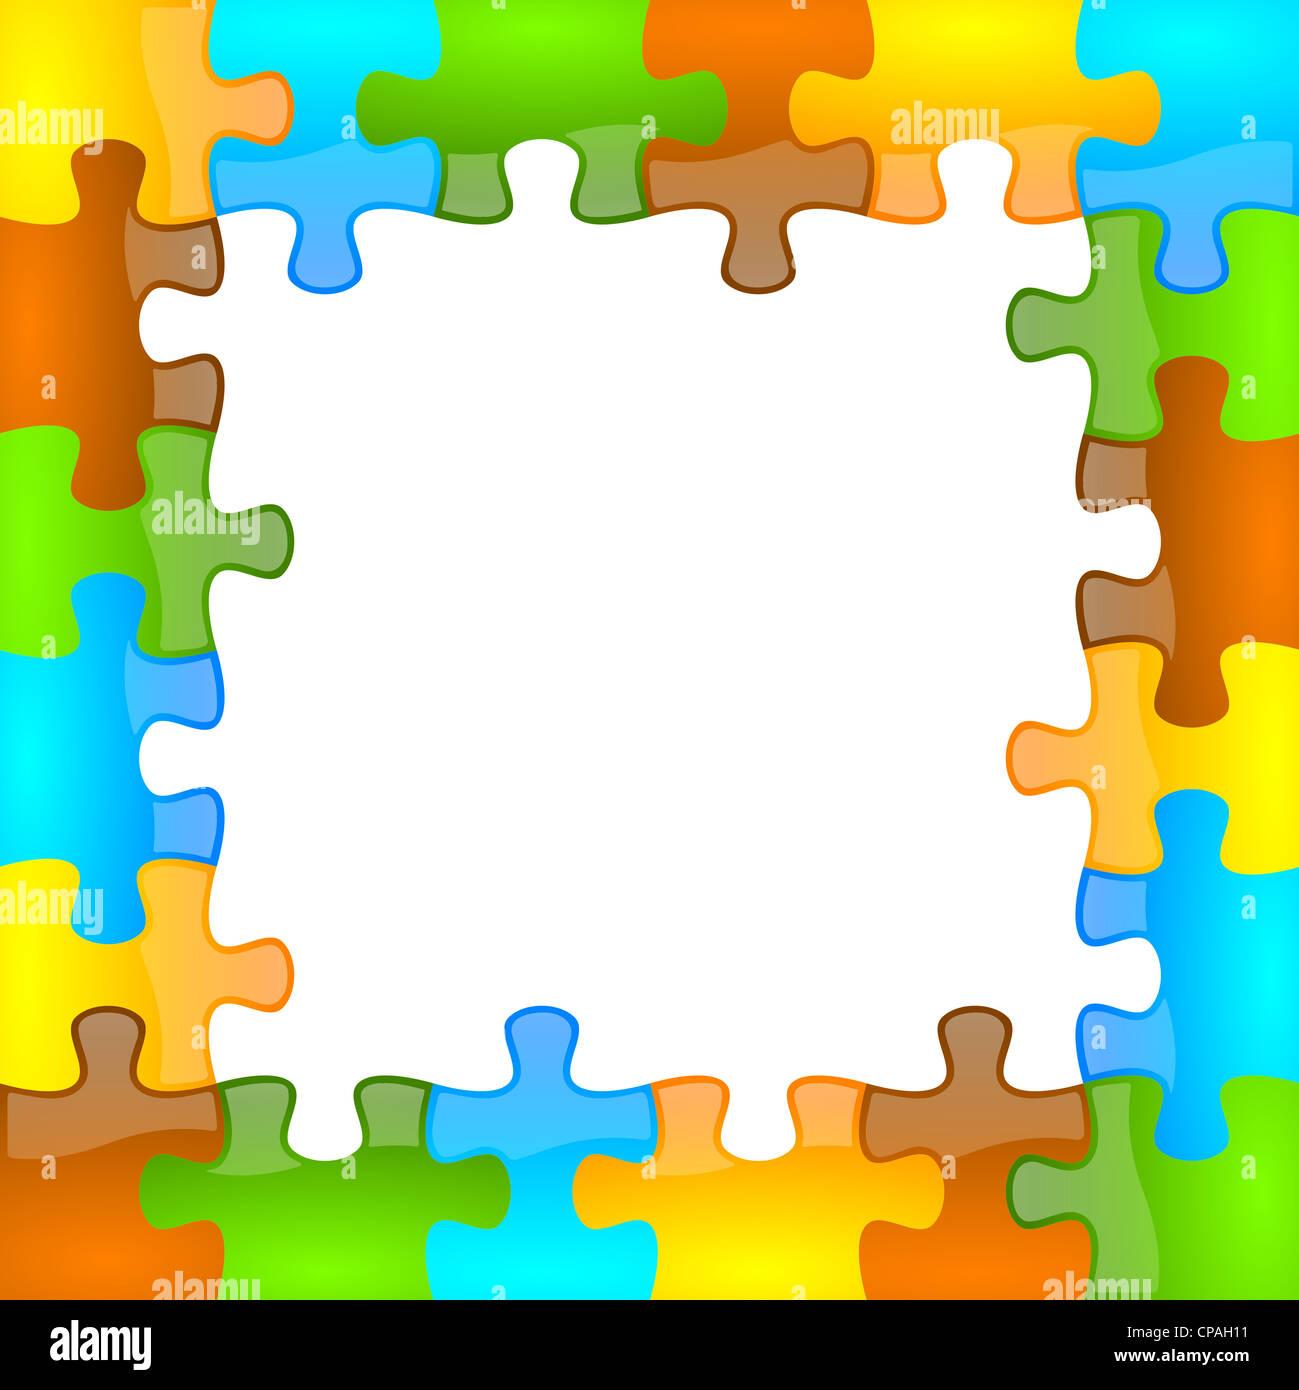 Color de fondo del marco de rompecabezas y jazzy 6 x 6 con el ...